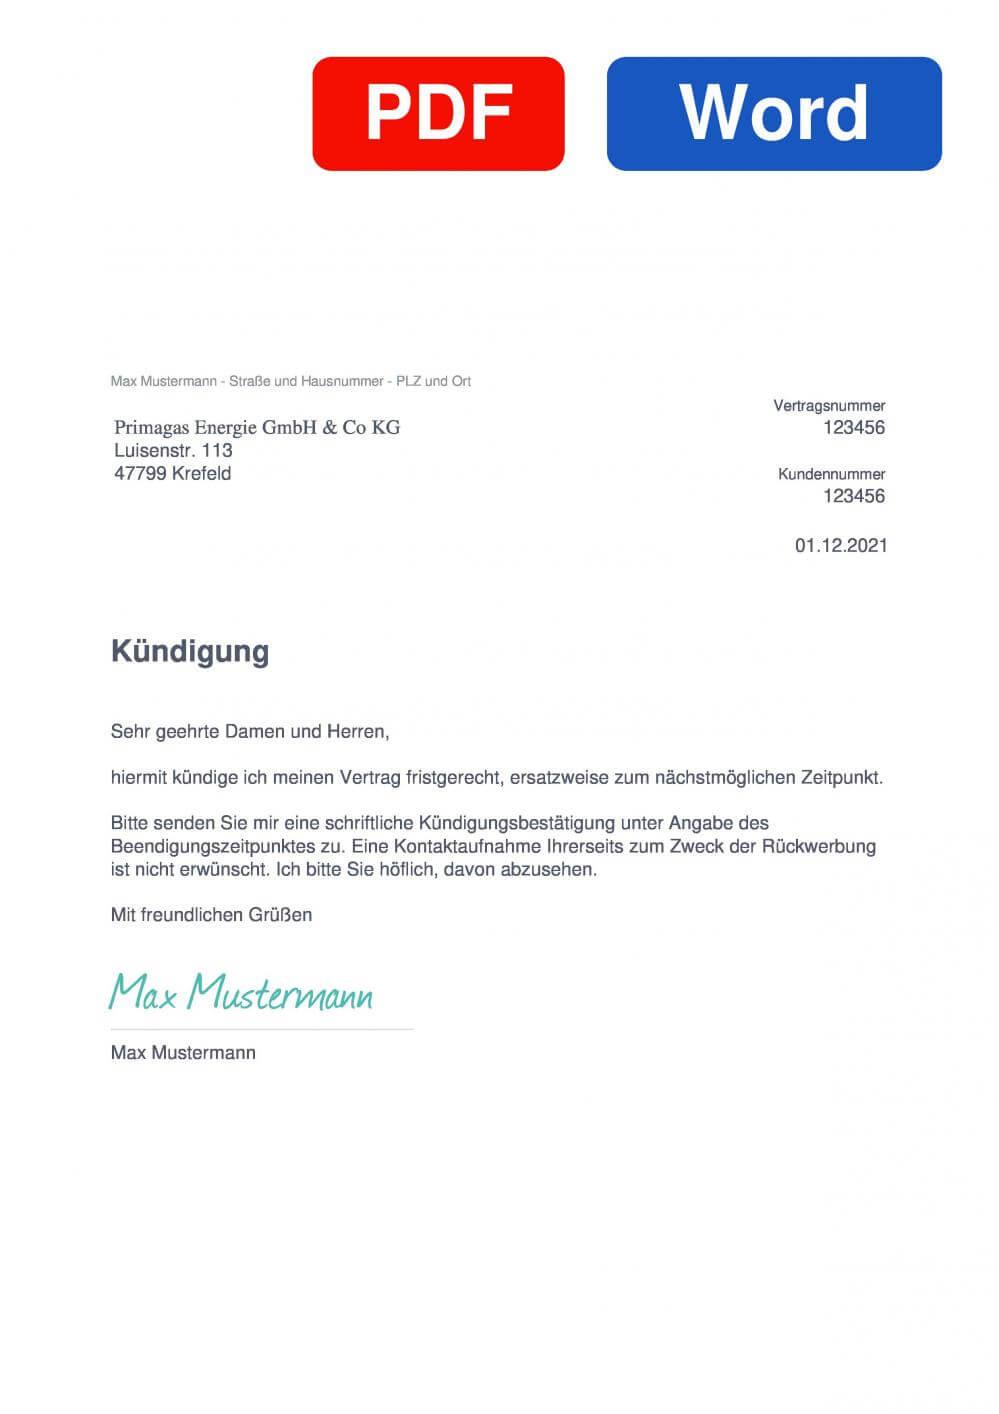 Primagas Muster Vorlage für Kündigungsschreiben